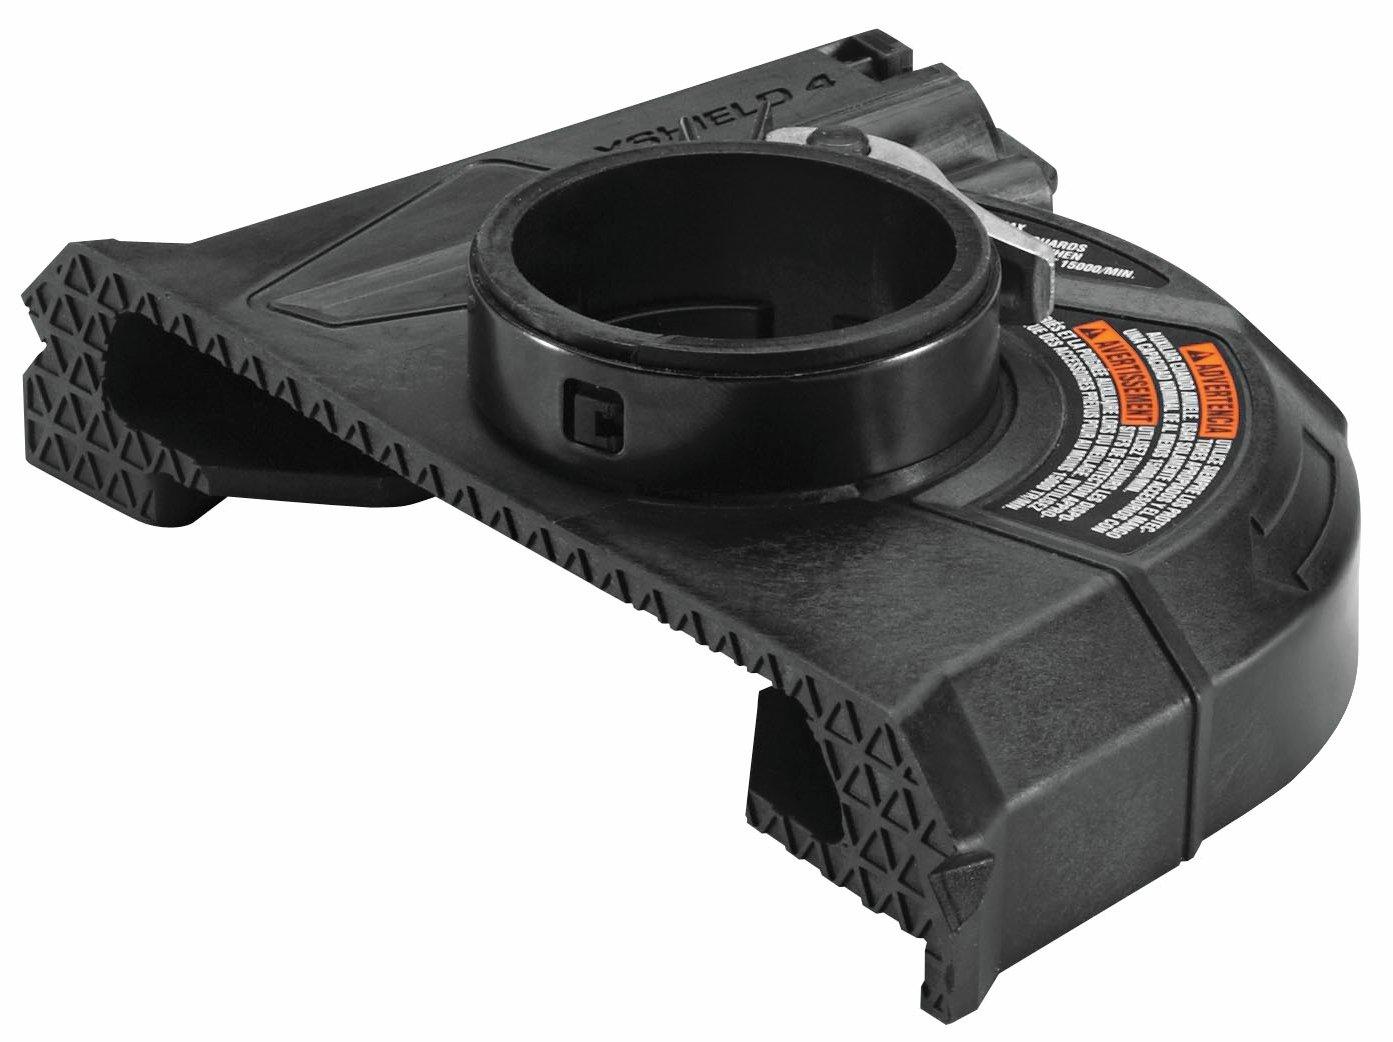 Roto Zip XS4-10 Xshield Flush Cut Guard for ZipMate 3, 4 & 5